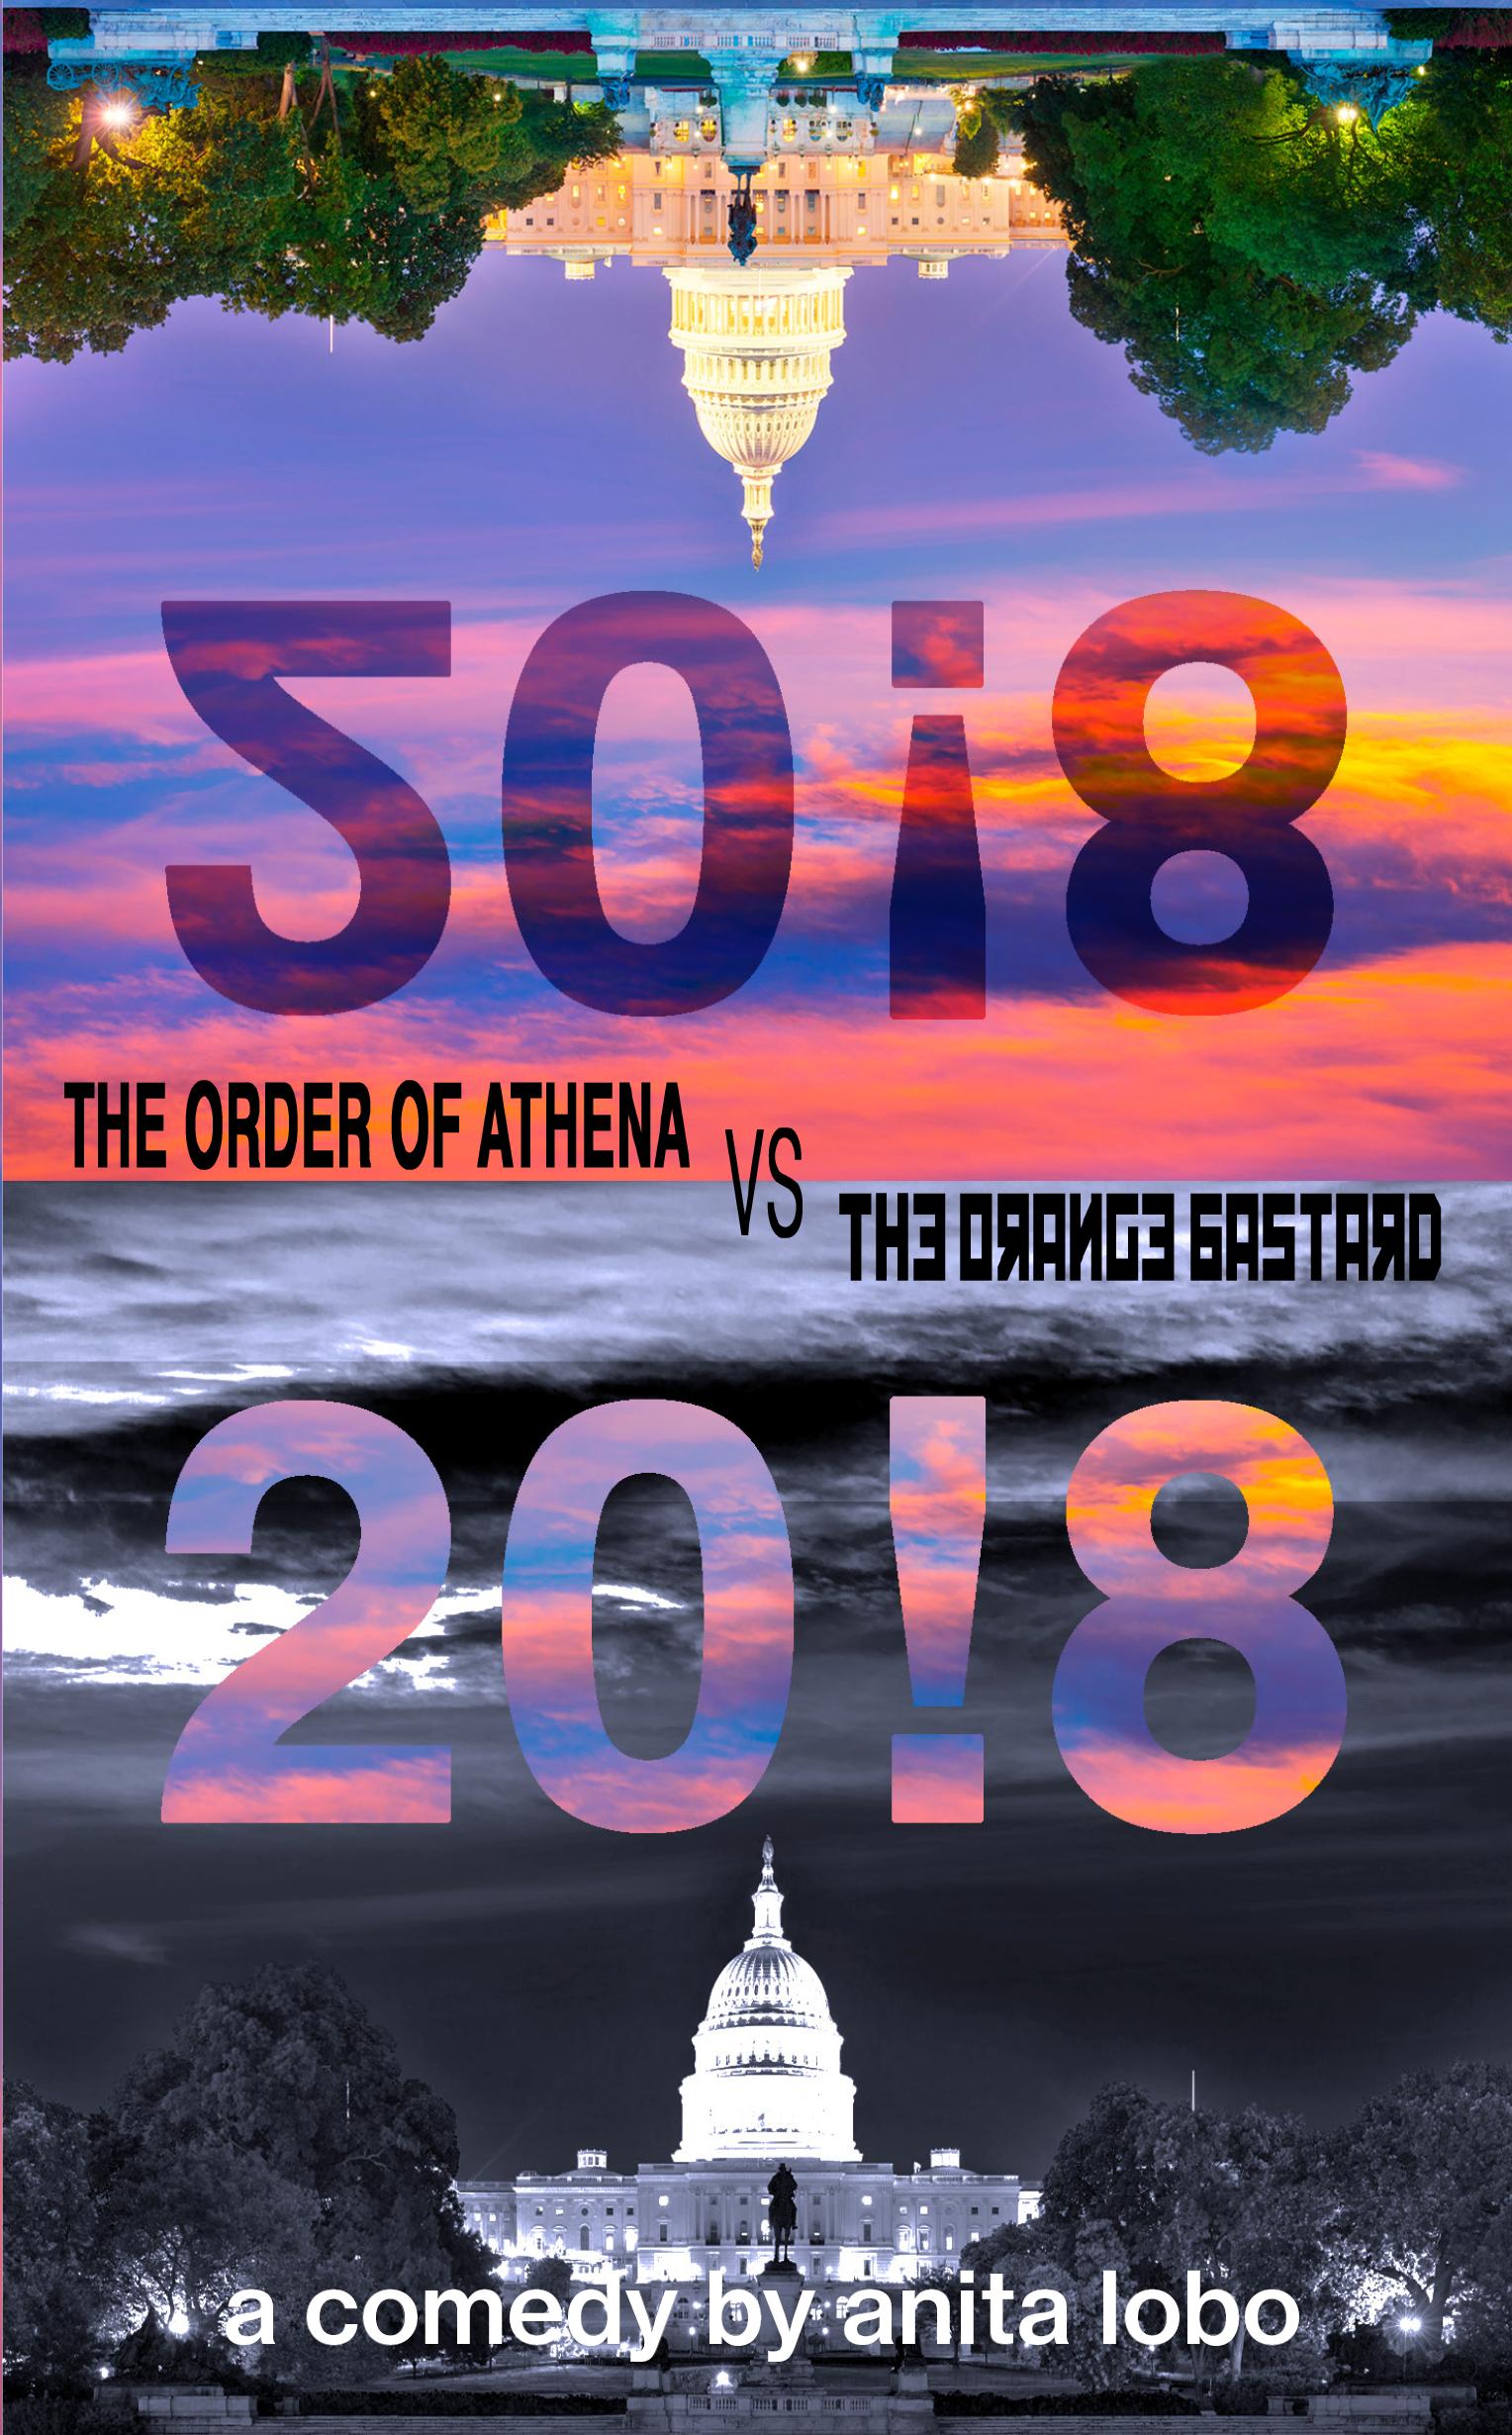 20!8: The Order of Athena Vs The Orange Bastard by Anita Lobo